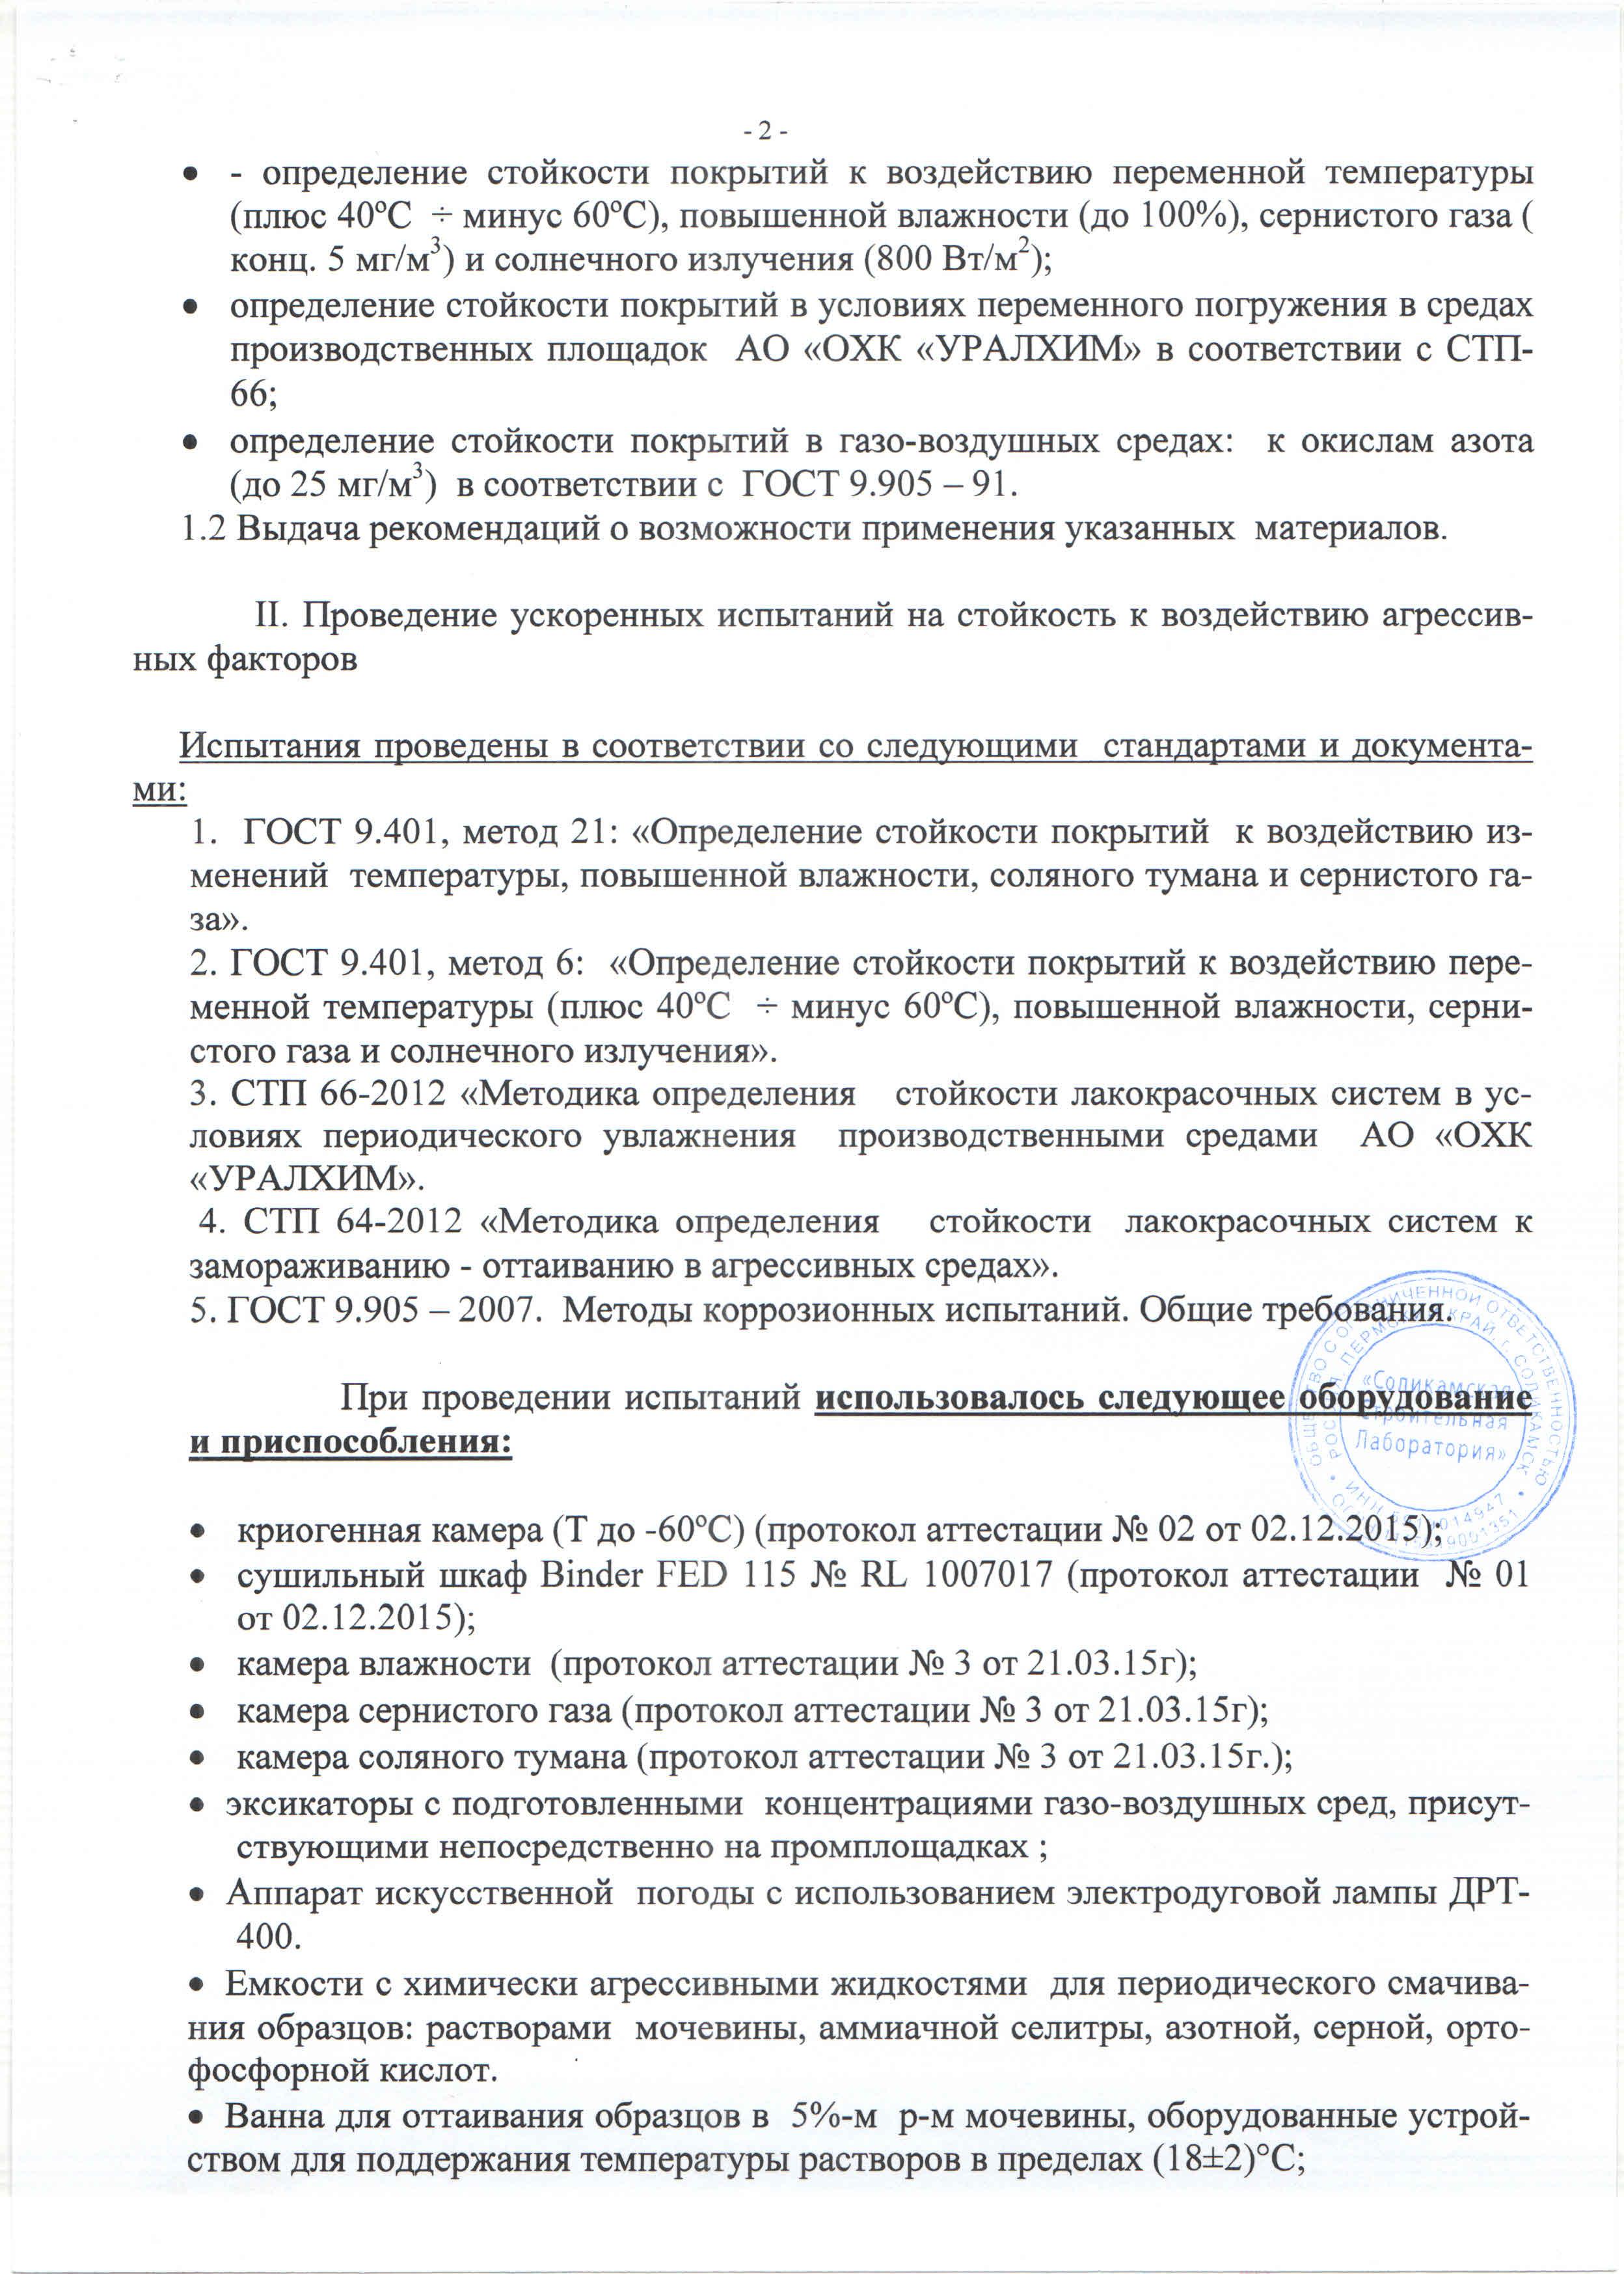 Заключение ООО «Соликамская строительная лаборатория» металл Уралхим 07N70007 N77007S70 (2)_Страница_2